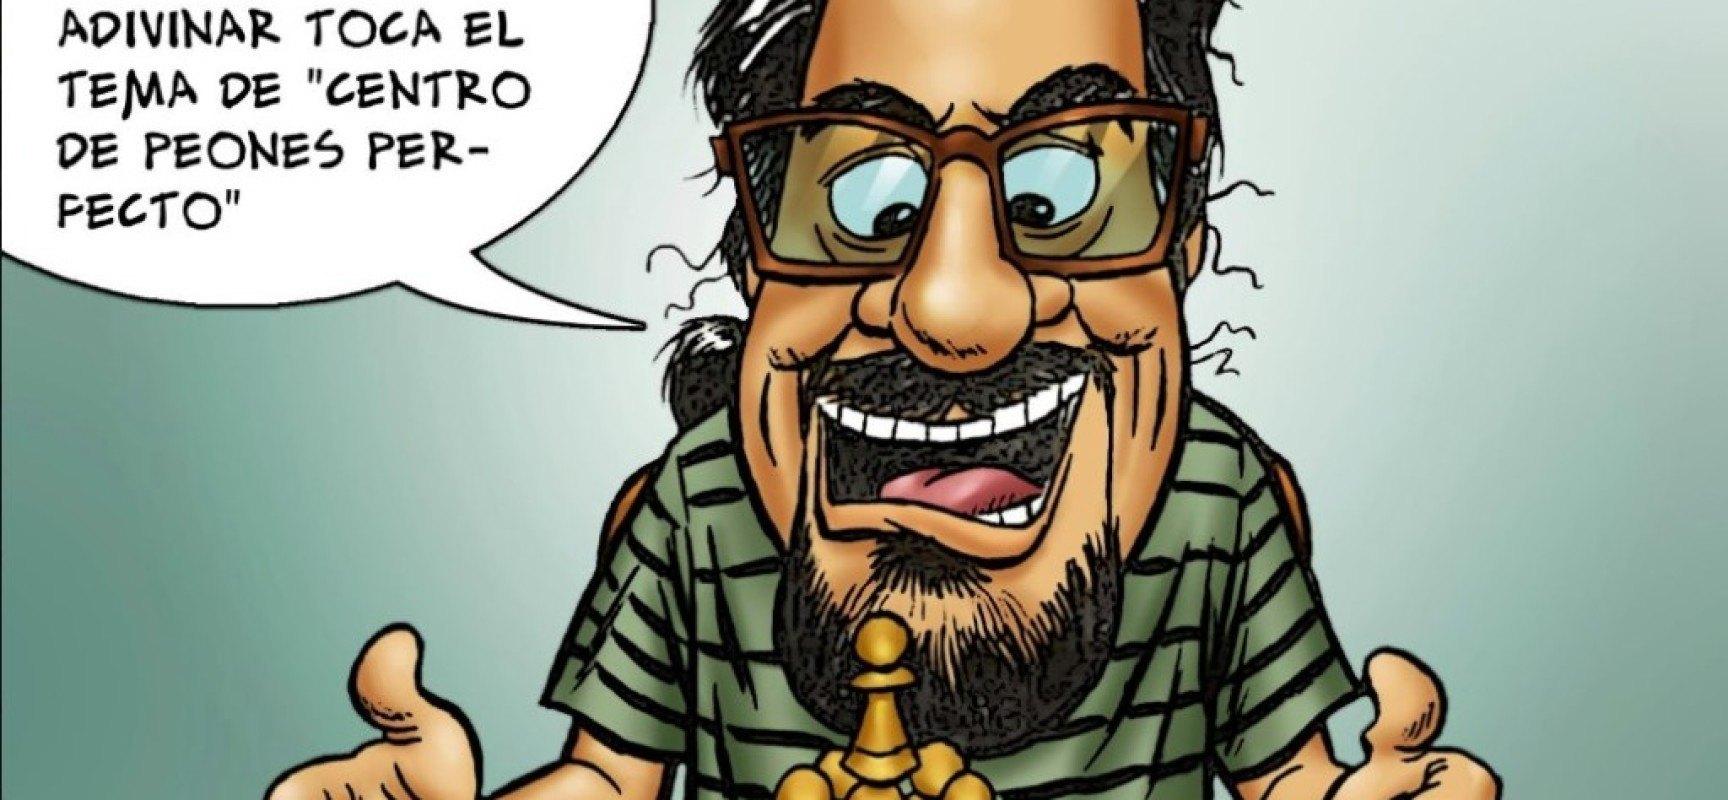 Luis Fdez. Siles (Capakhine): 'Me hubiera gustado jugar al ajedrez con El Autómata' + ICOT 2015